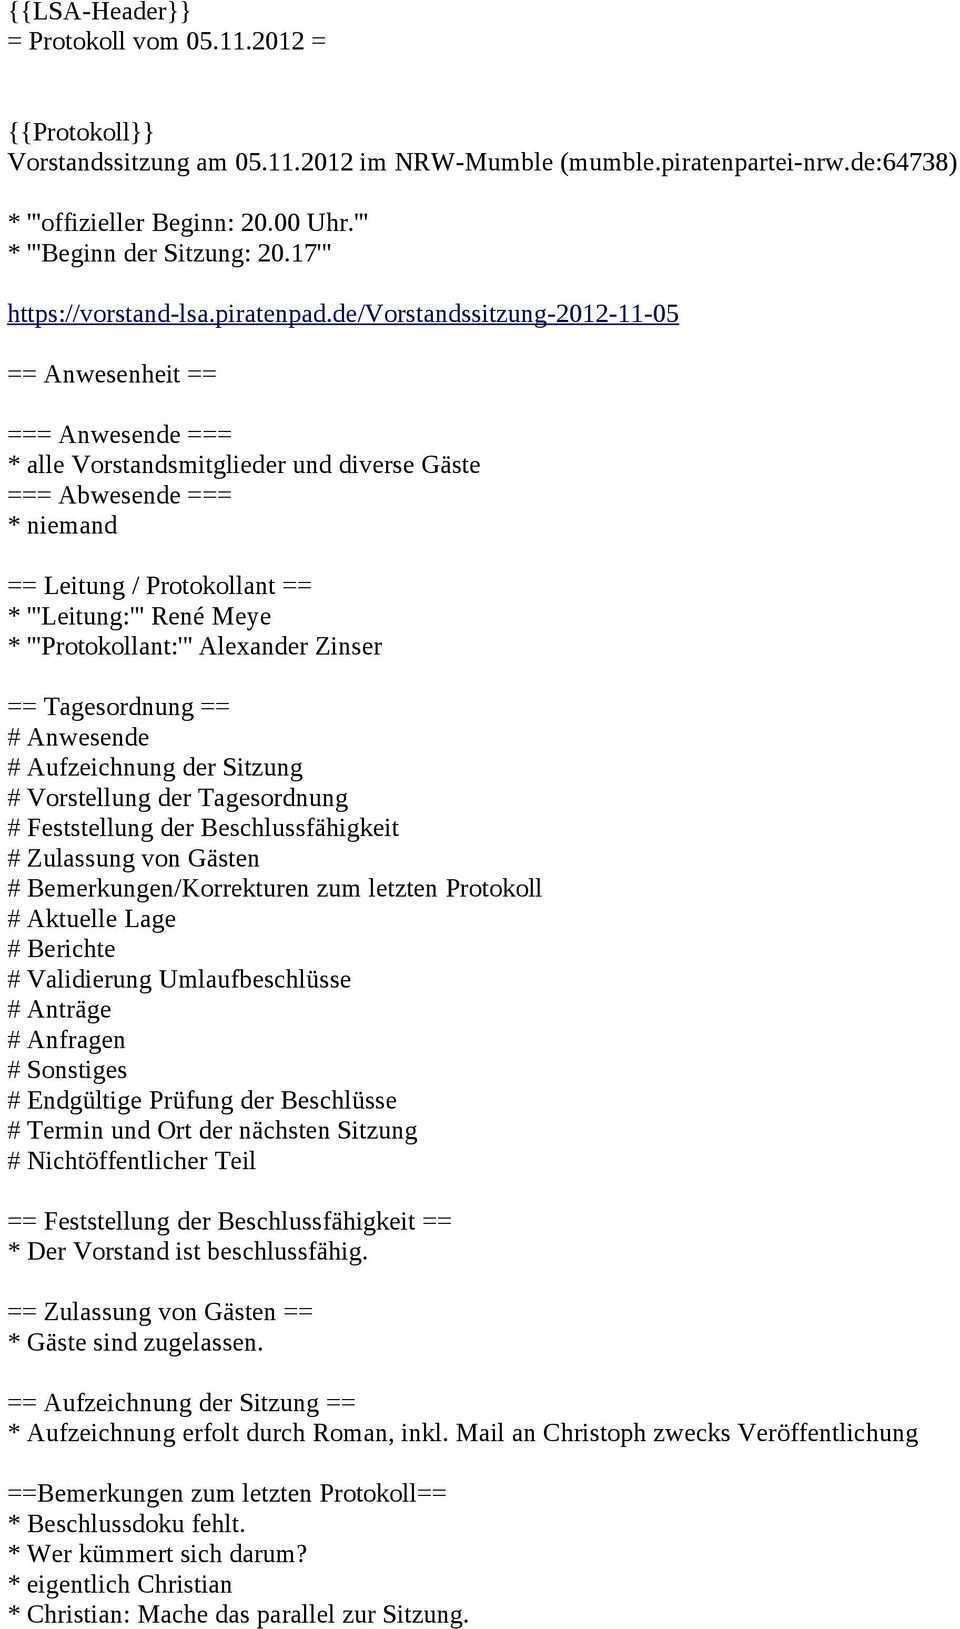 Aufzeichnung Der Sitzung Aufzeichnung Erfolt Durch Roman Inkl Mail An Christoph Zwecks Veroffentlichung Pdf Kostenfreier Download